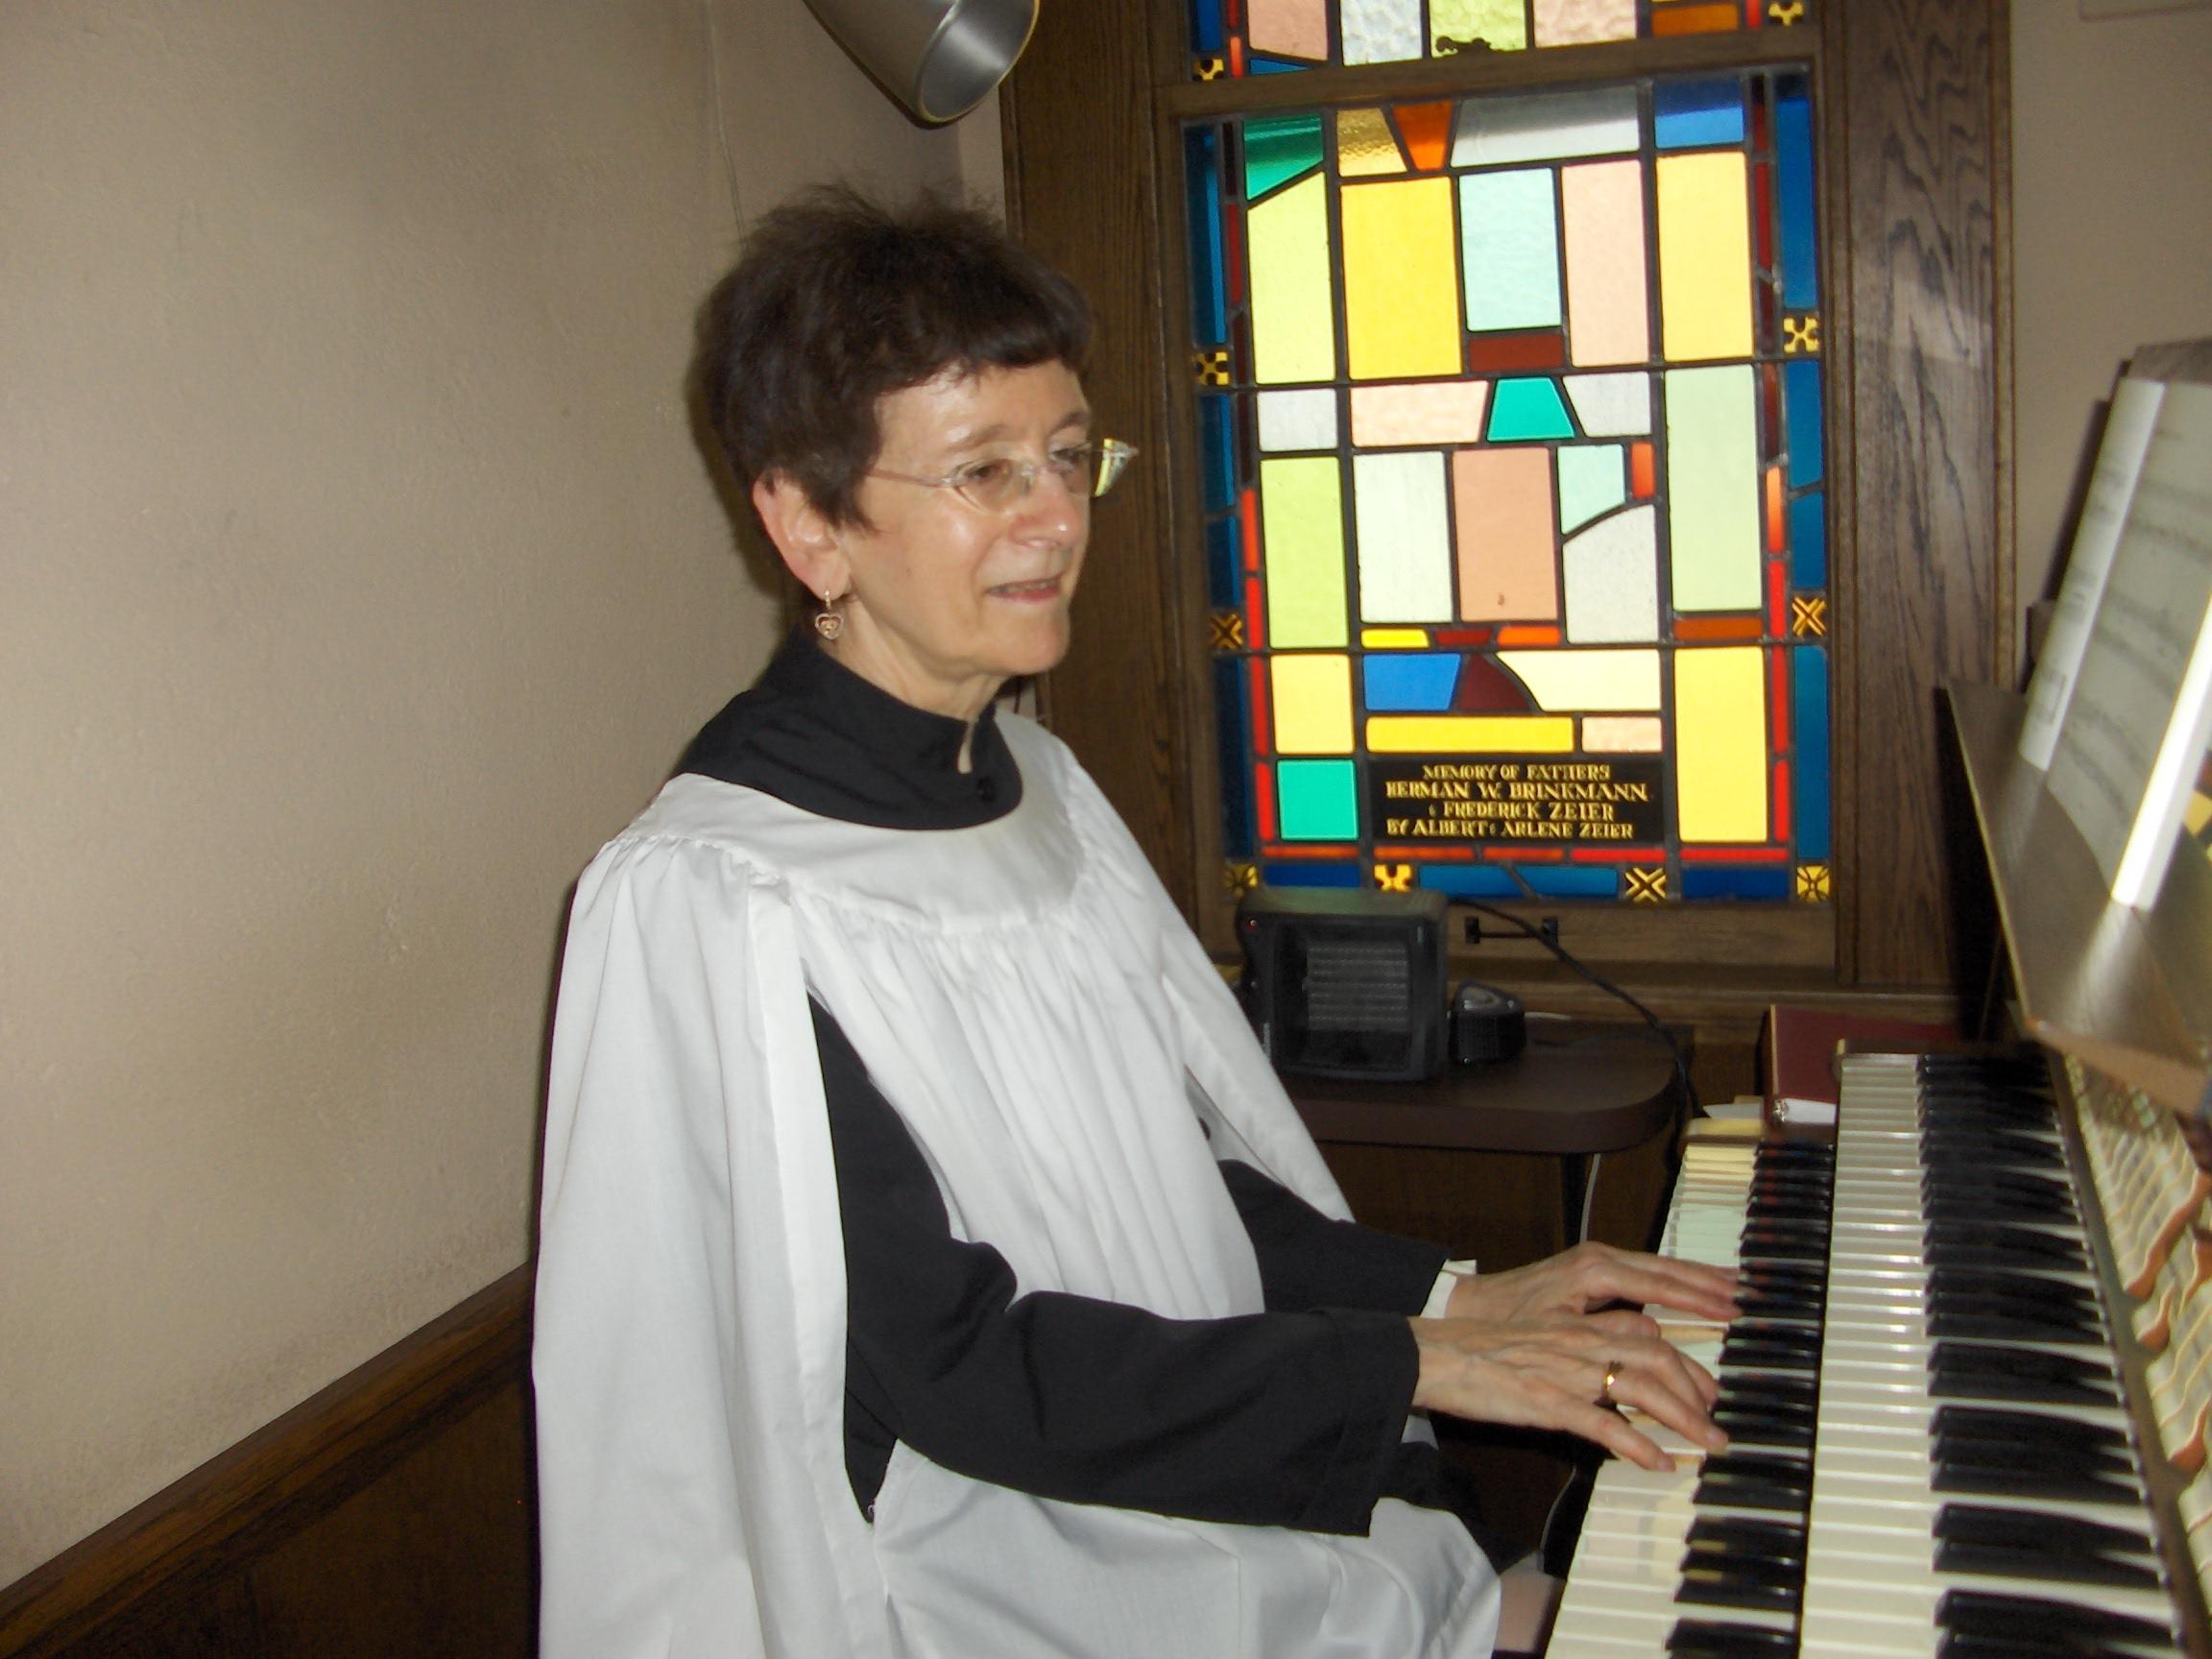 Jane Schatkin Hettrick